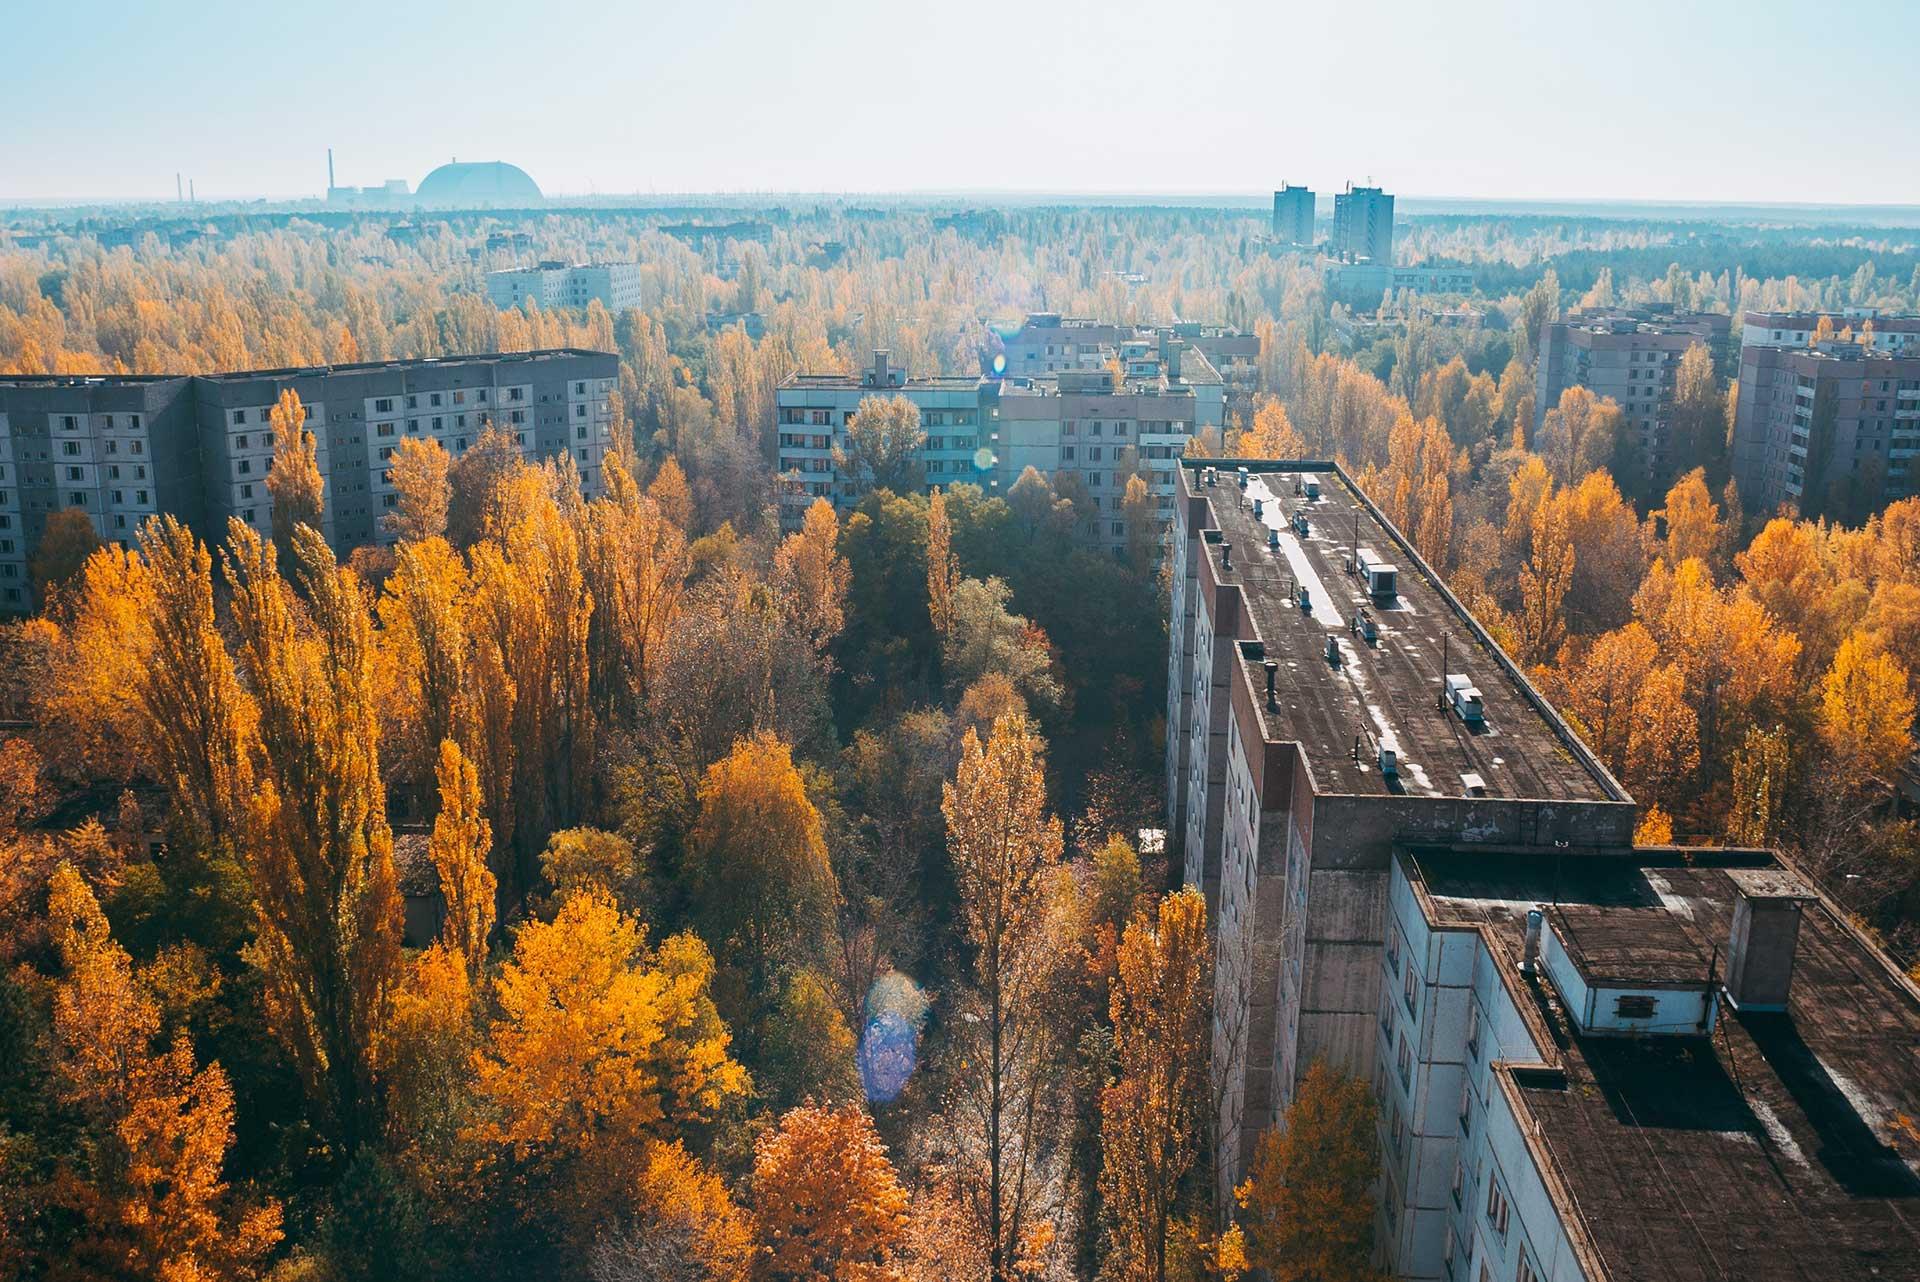 Visita a Chernóbil y Pripyat, el día de mi cumpleaños